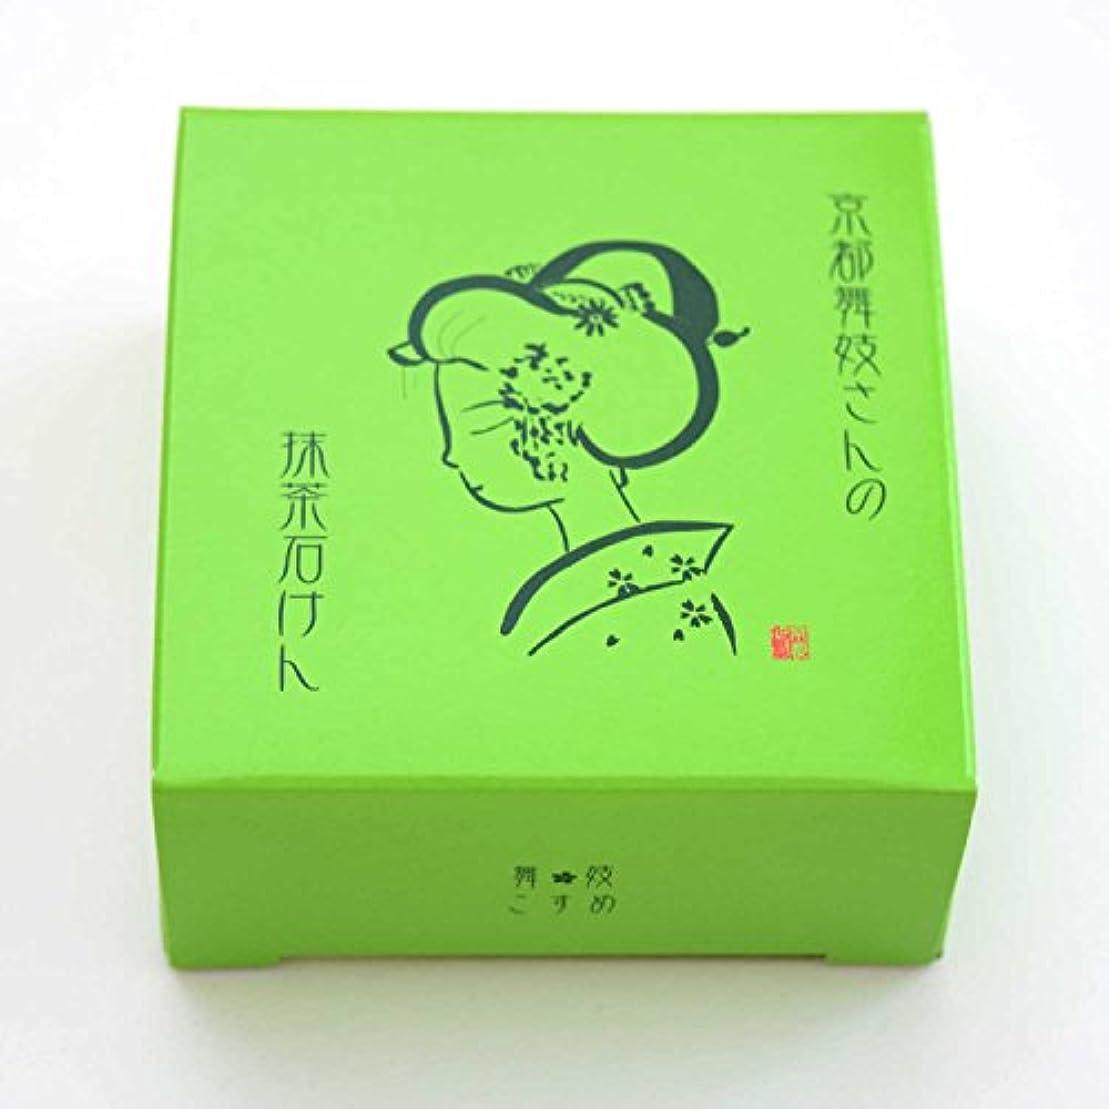 バス報奨金ヘクタール京都限定 舞妓さんの抹茶石鹸 茶エキス配合 無香料